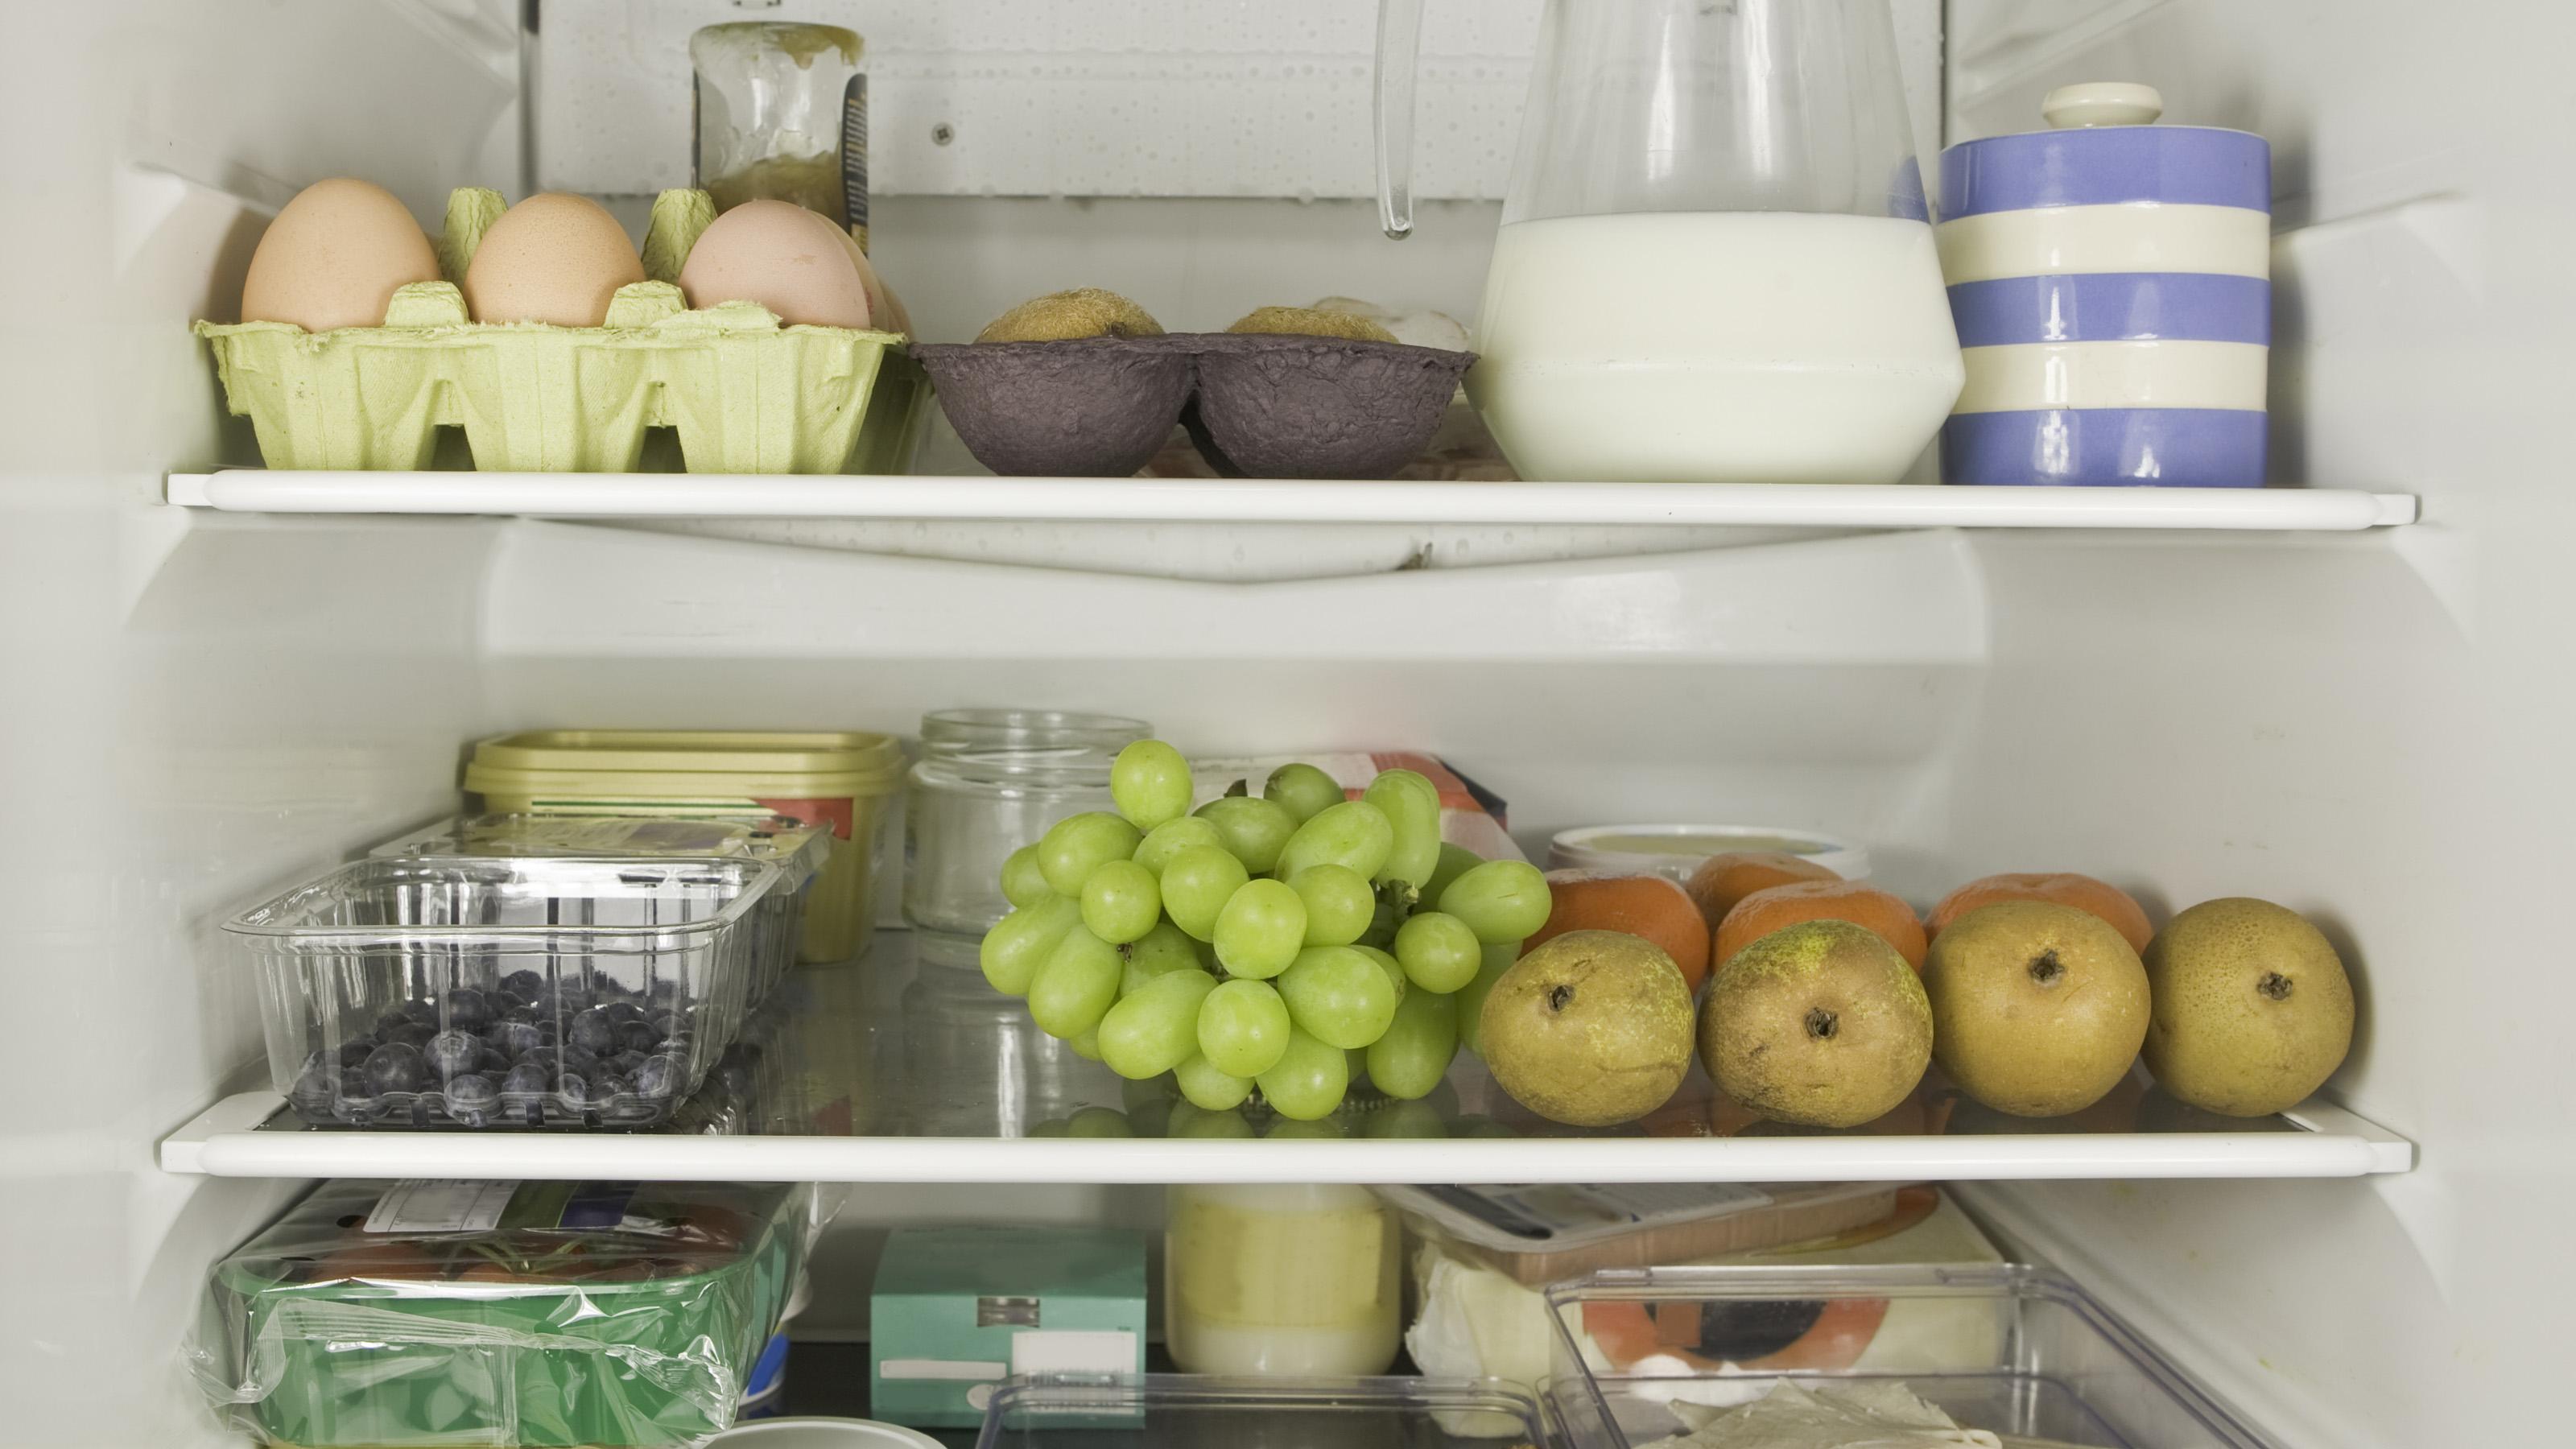 Three refrigerator shelves full of food